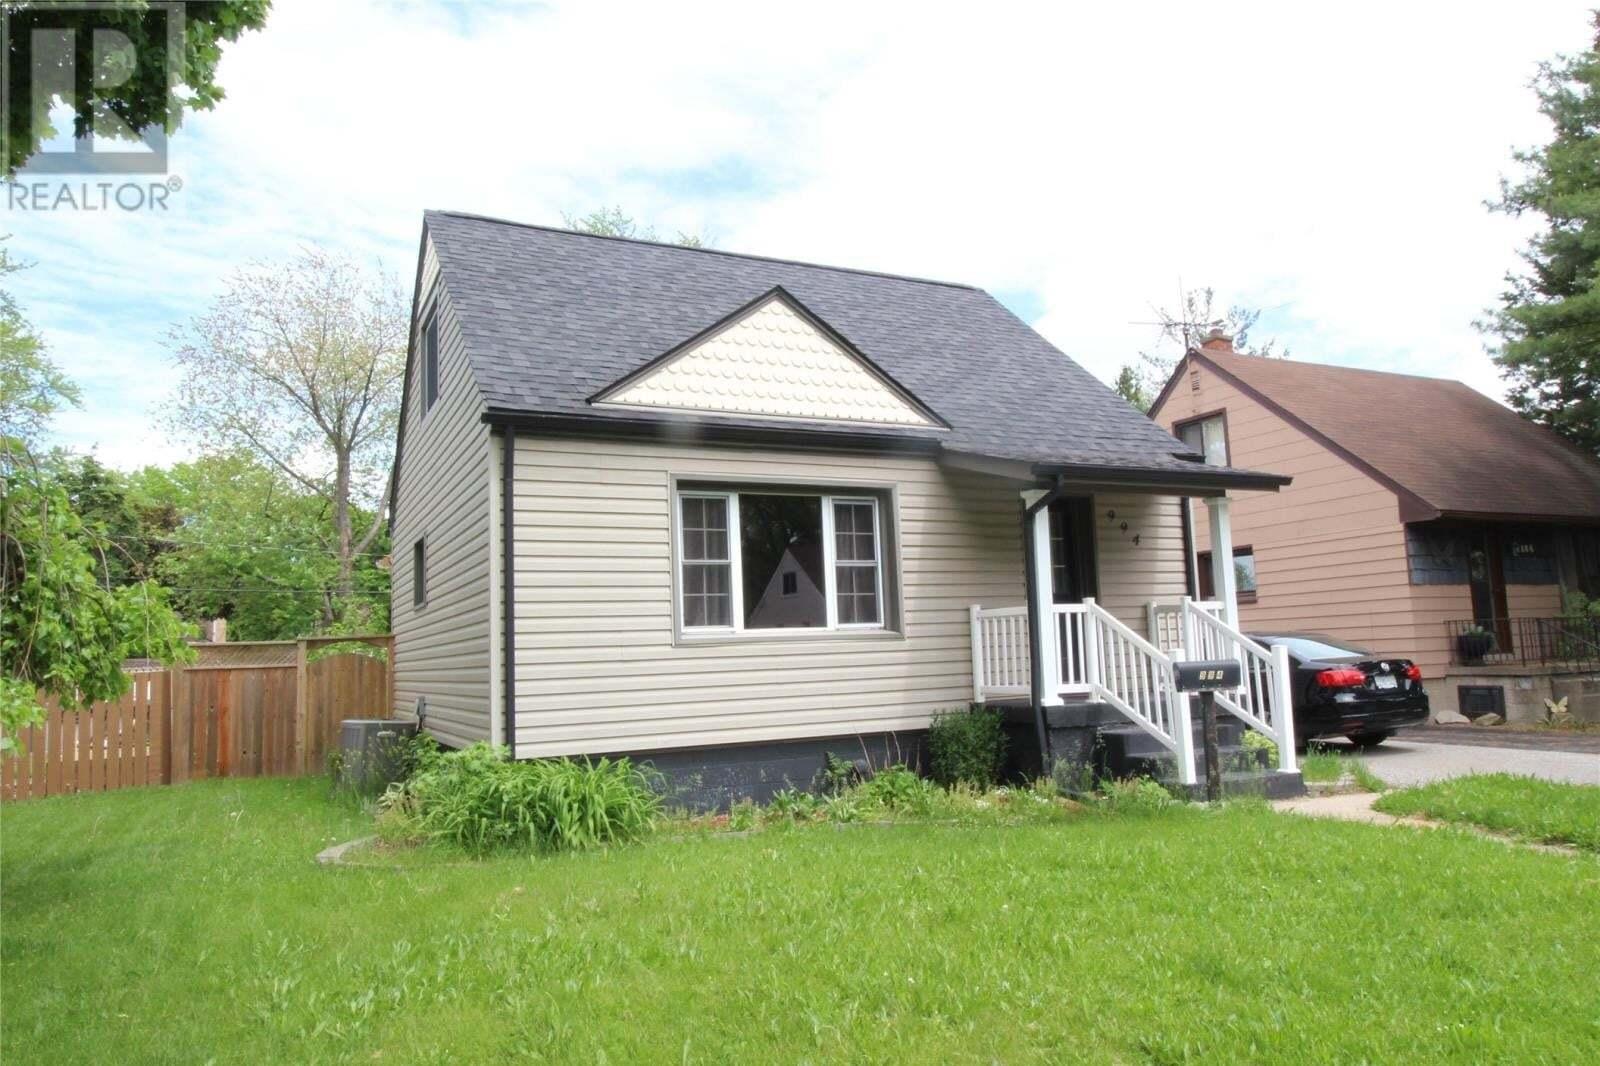 House for sale at 994 Merritt Ave Windsor Ontario - MLS: 20006049